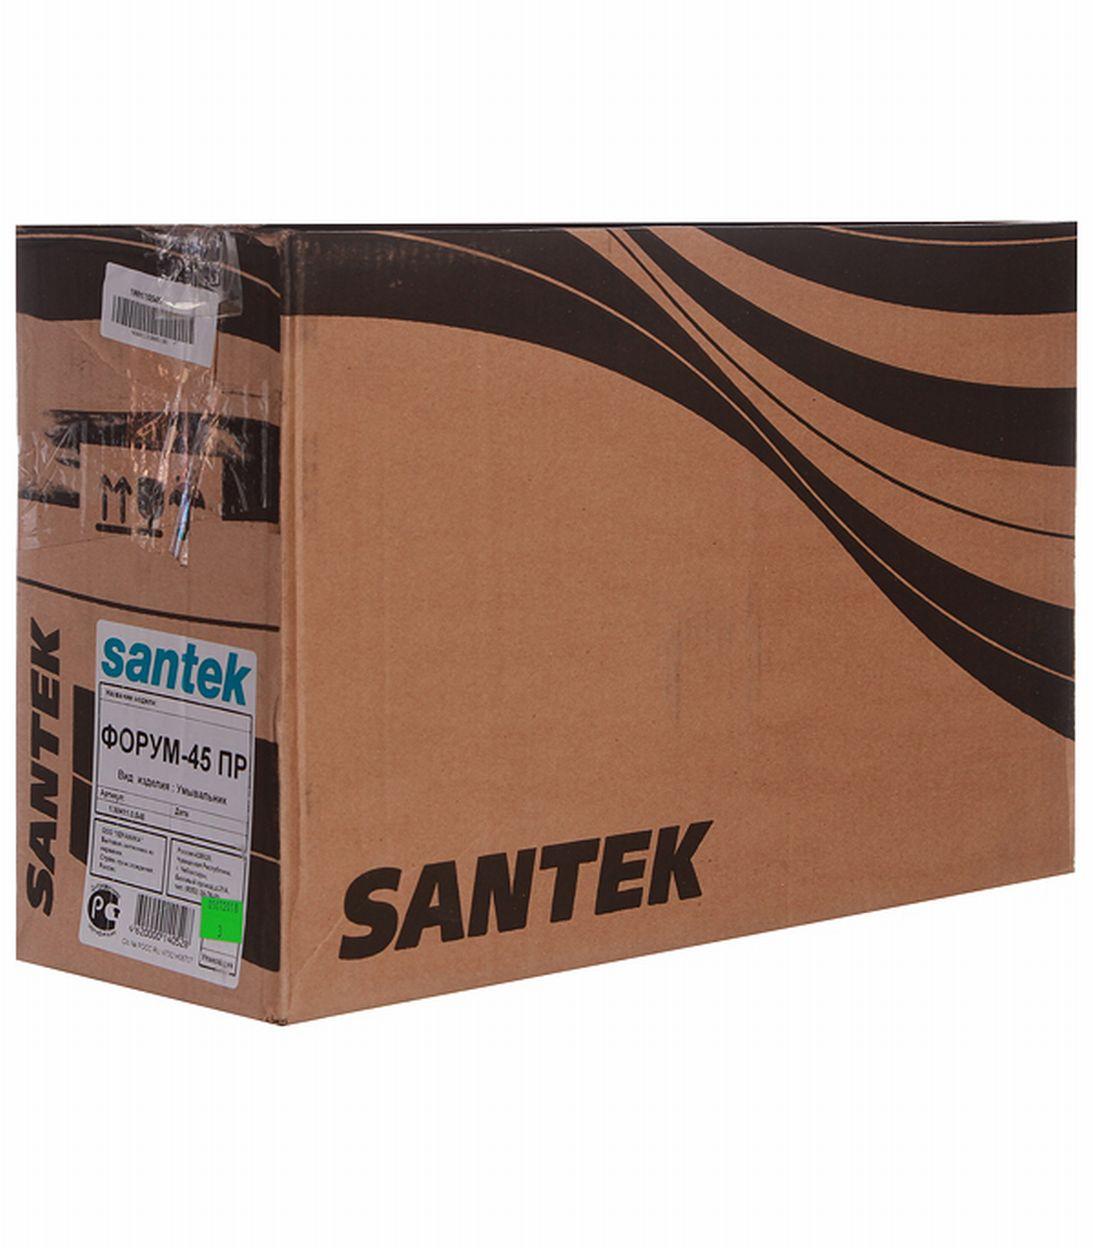 Раковина-мини SANTEK Форум-45 450 мм фото